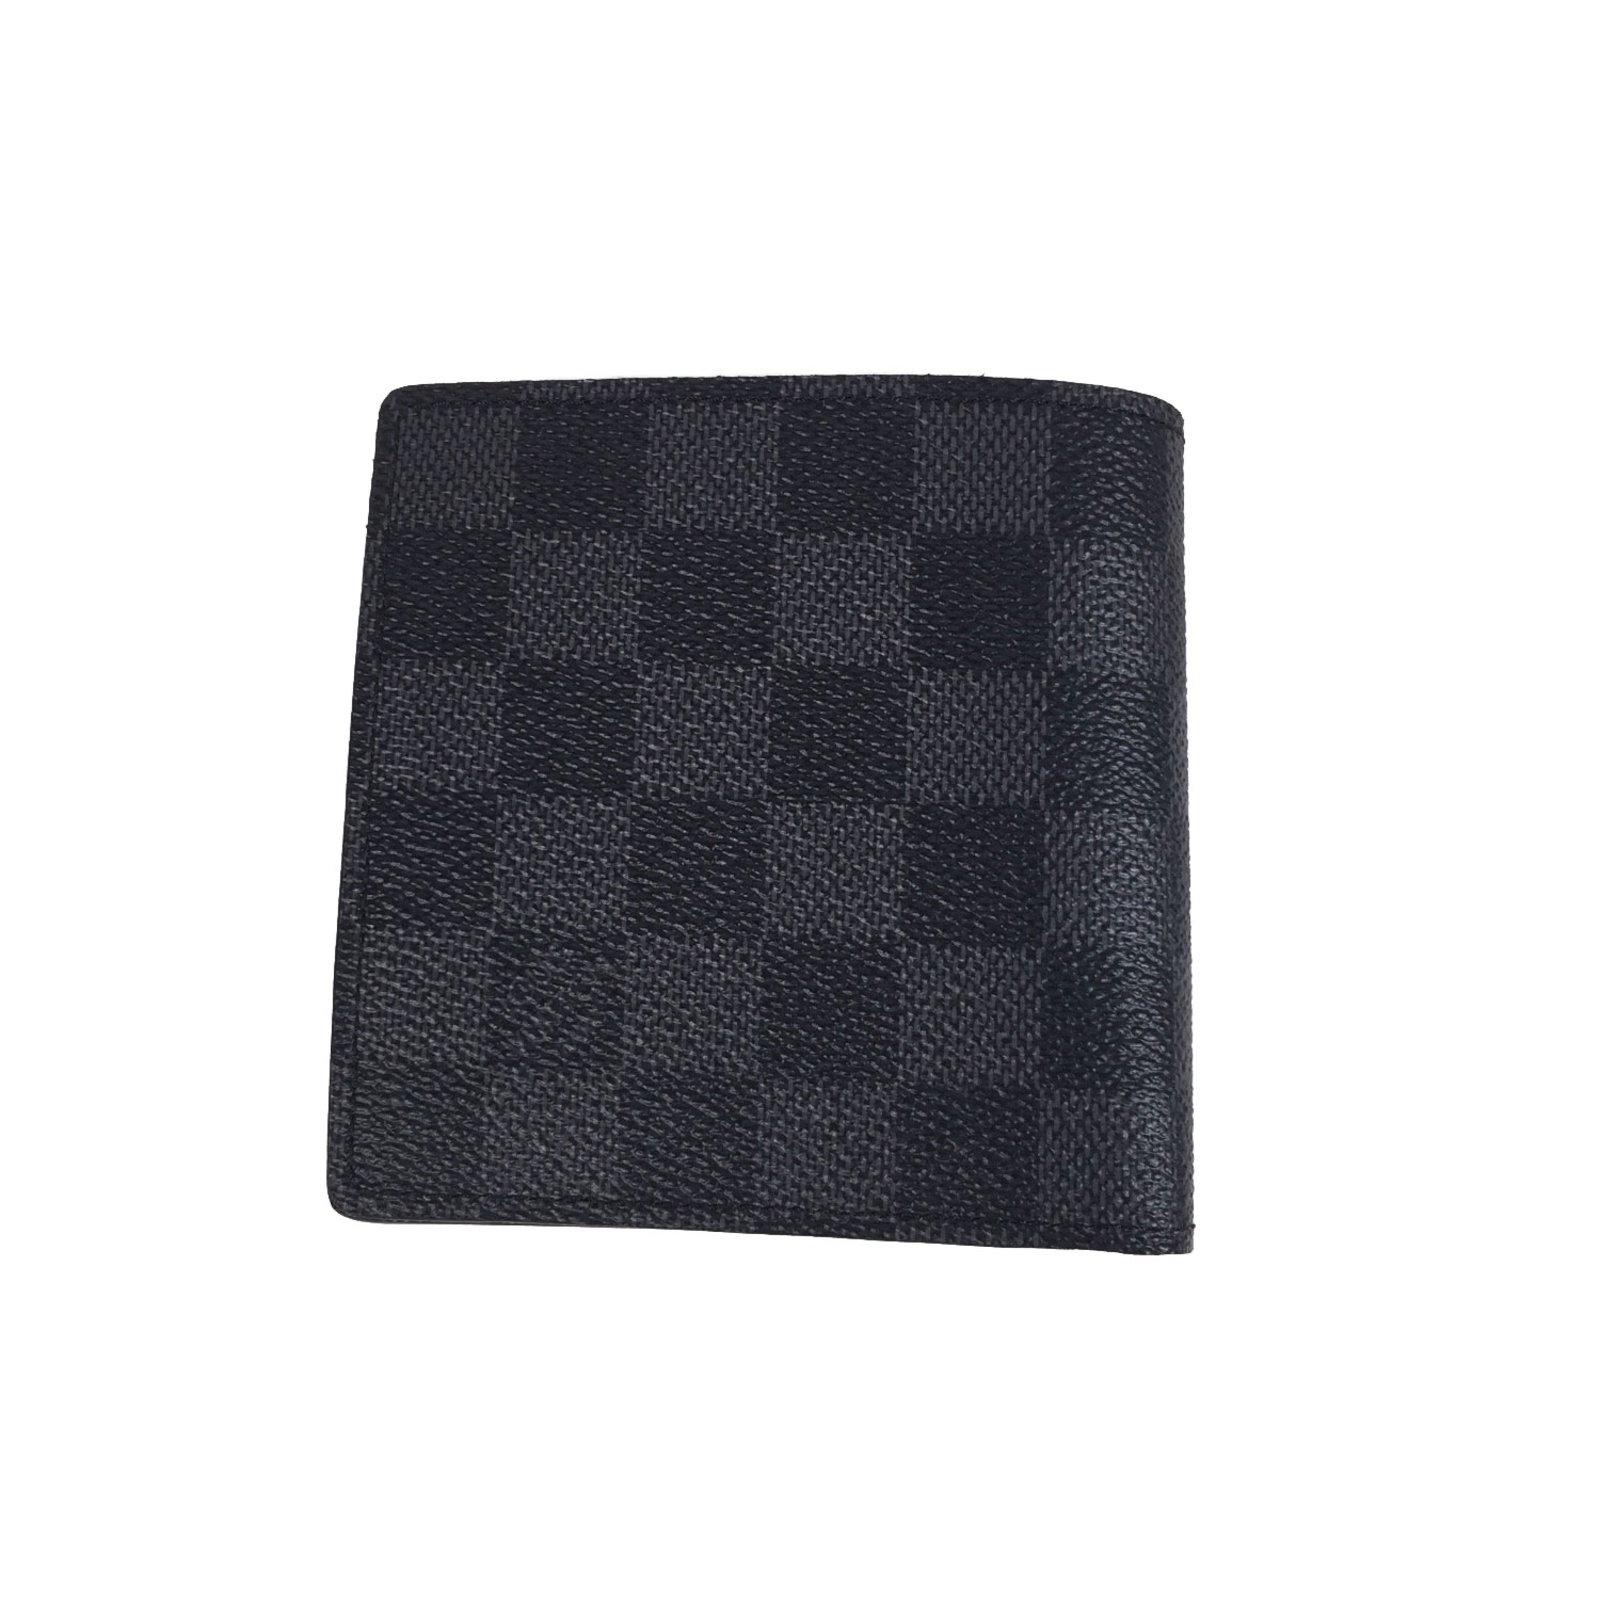 89acf9bc961c Petite maroquinerie homme Louis Vuitton Marco Toile Gris ref.53816 ...